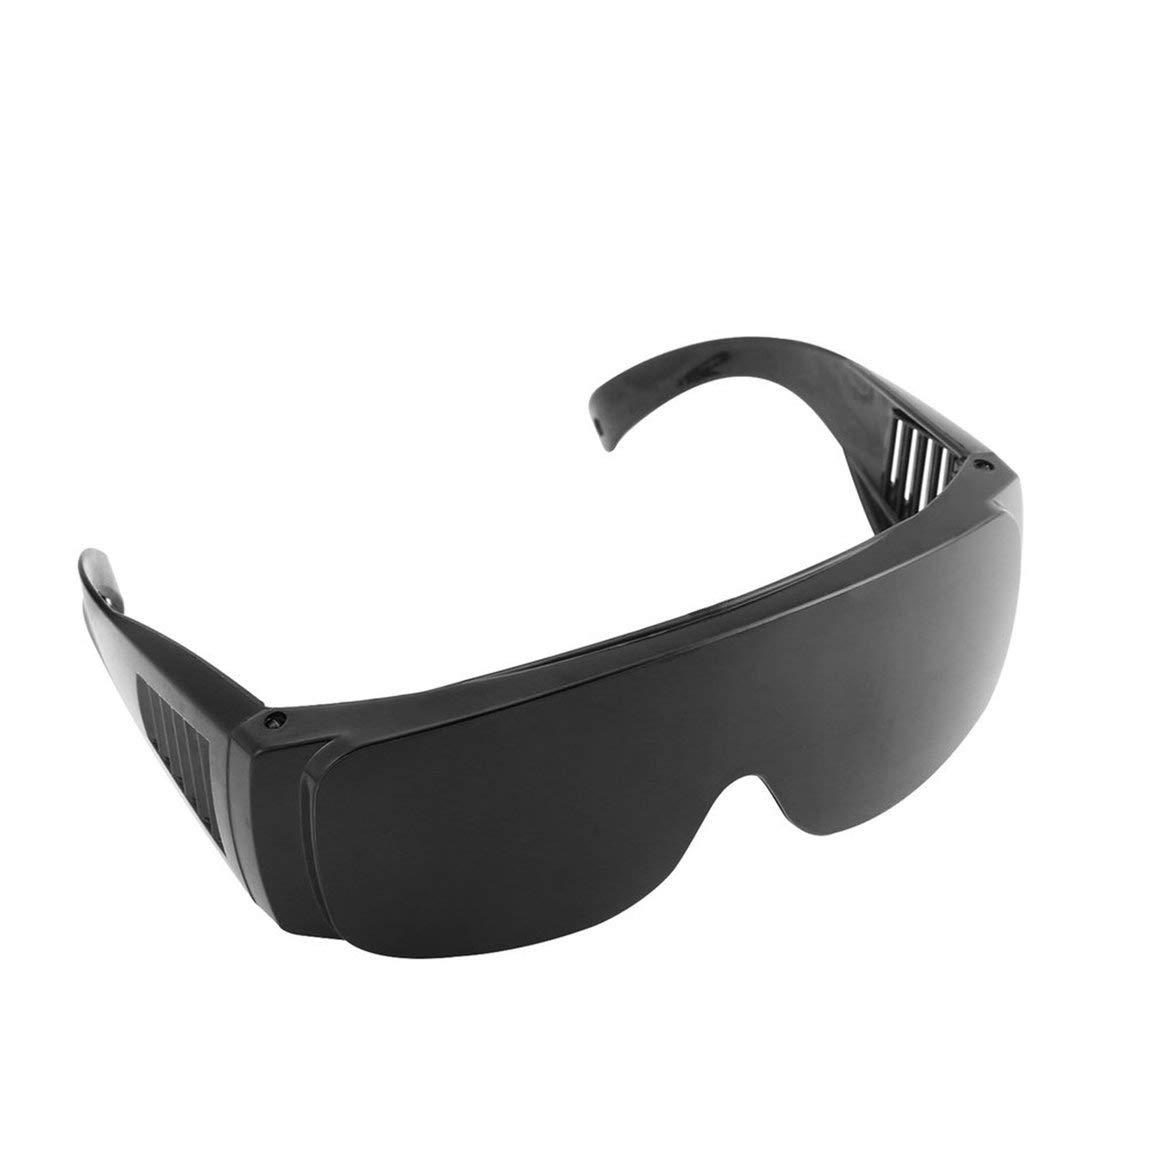 Funnyrunstore Sicherheits Augenschutz Staubdicht Brille Schwei/ßen Schutzbrille Opt//E Licht//IPL//Photon Sch/önheit Instrument rot Laserschutzbrille Farbe: schwarz